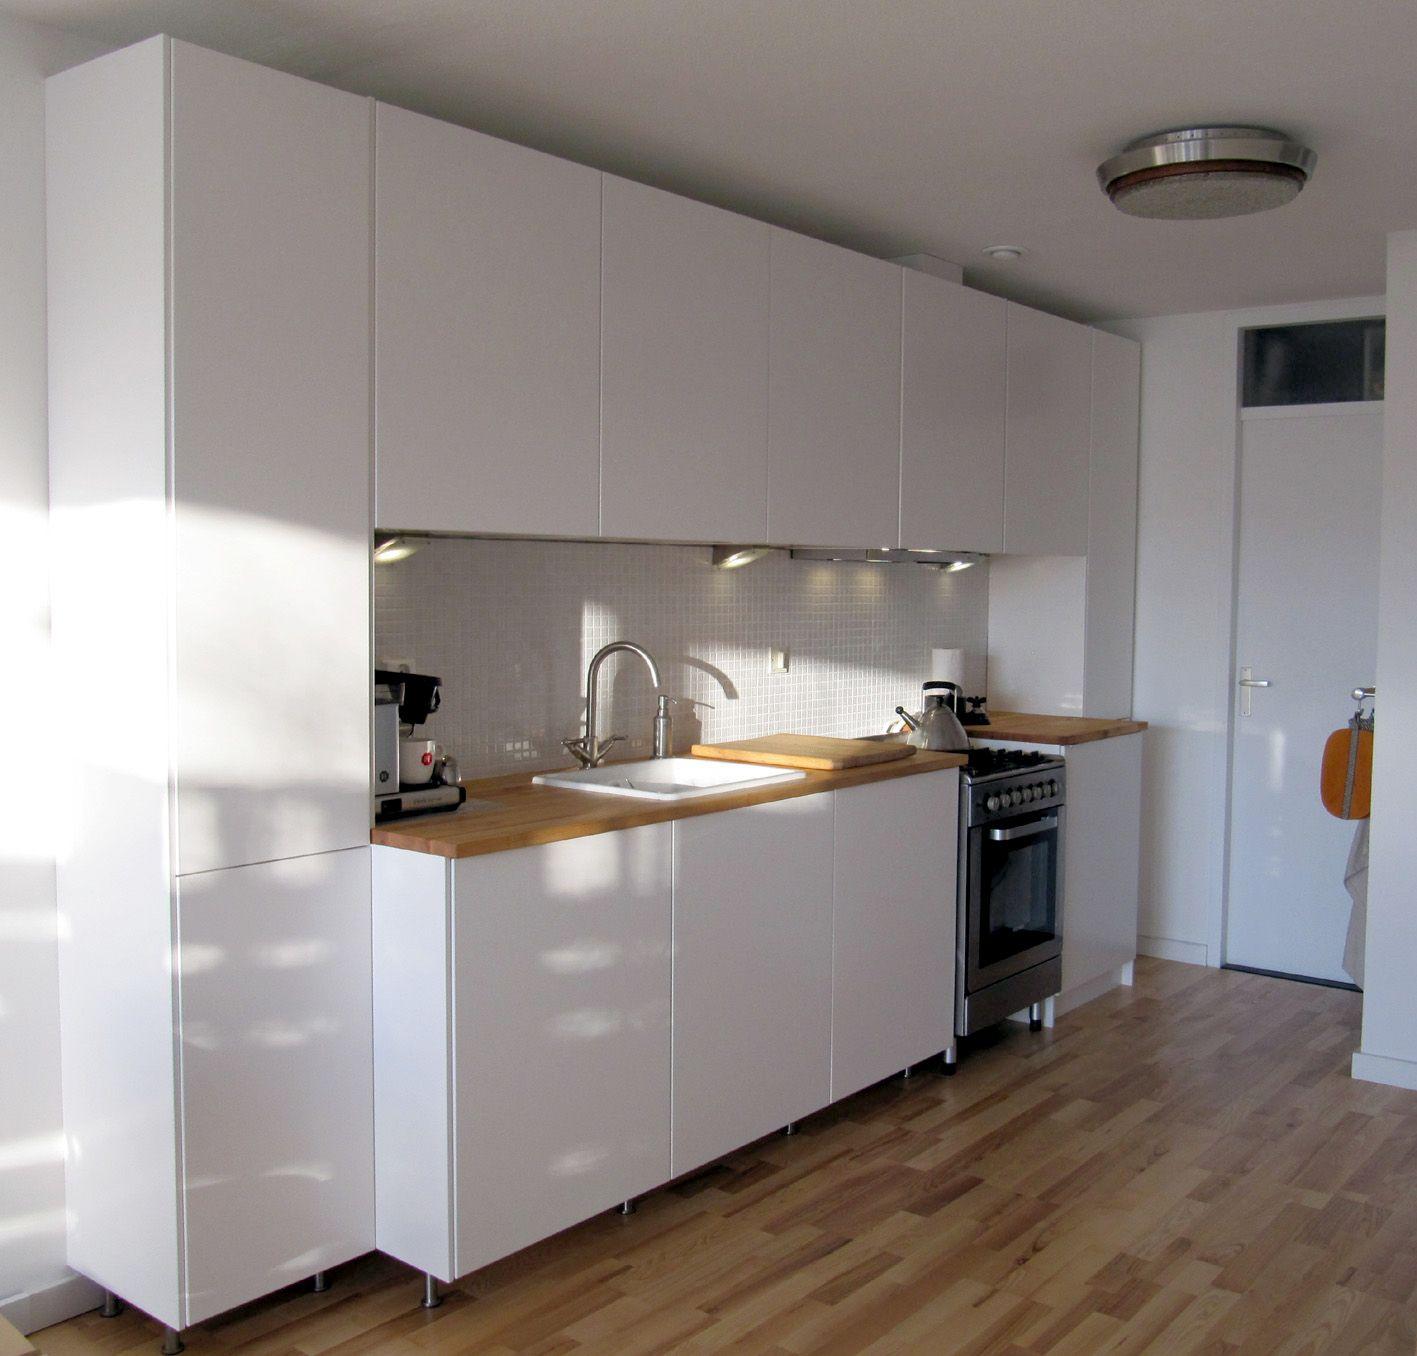 alte ikea k che wei ikea k che faktum wei gebraucht. Black Bedroom Furniture Sets. Home Design Ideas